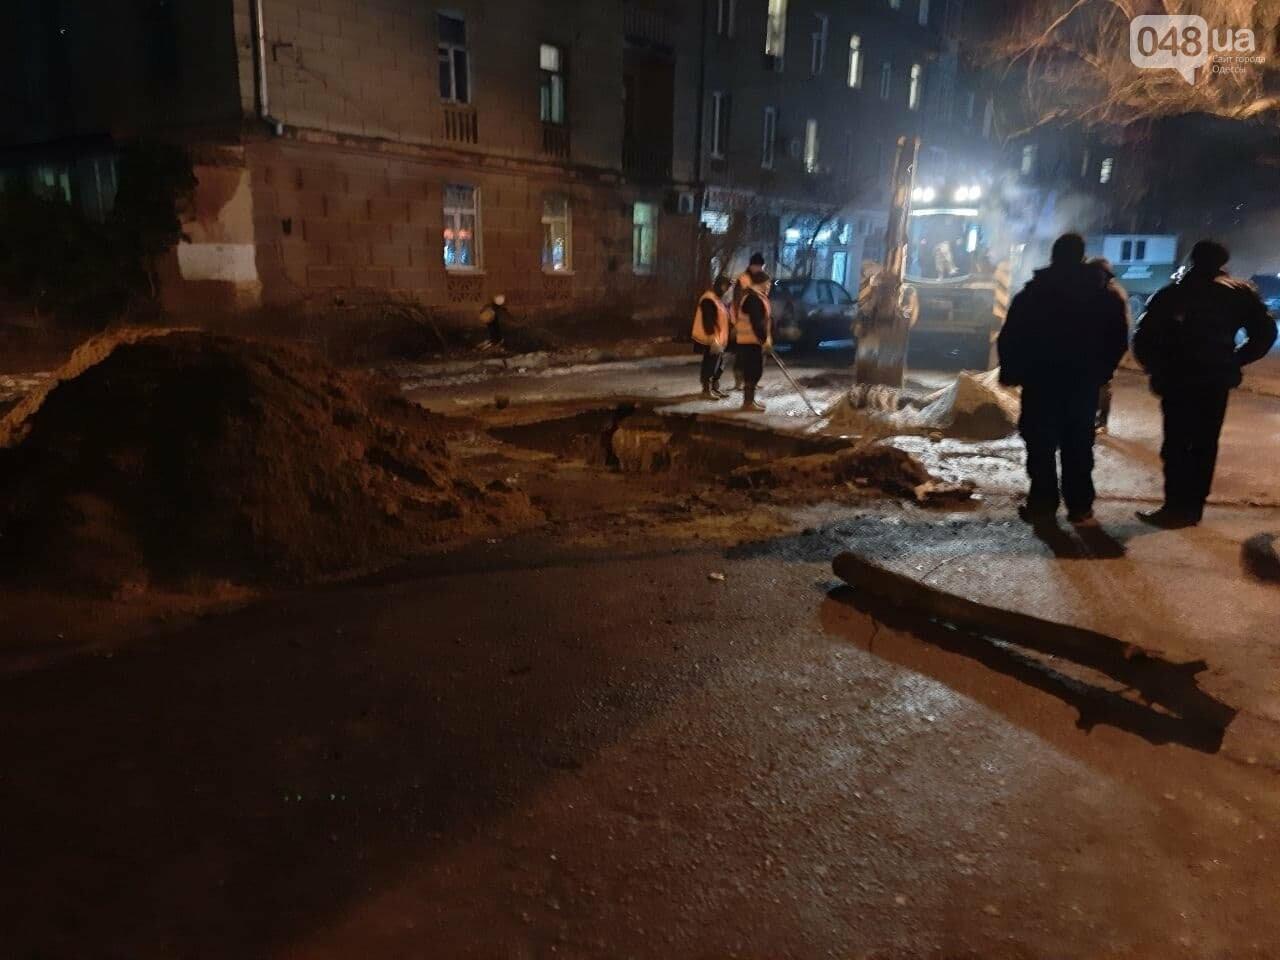 В Одессе ещё одну улицу перекрыли из-за ремонтных работ, - ФОТО, фото-2